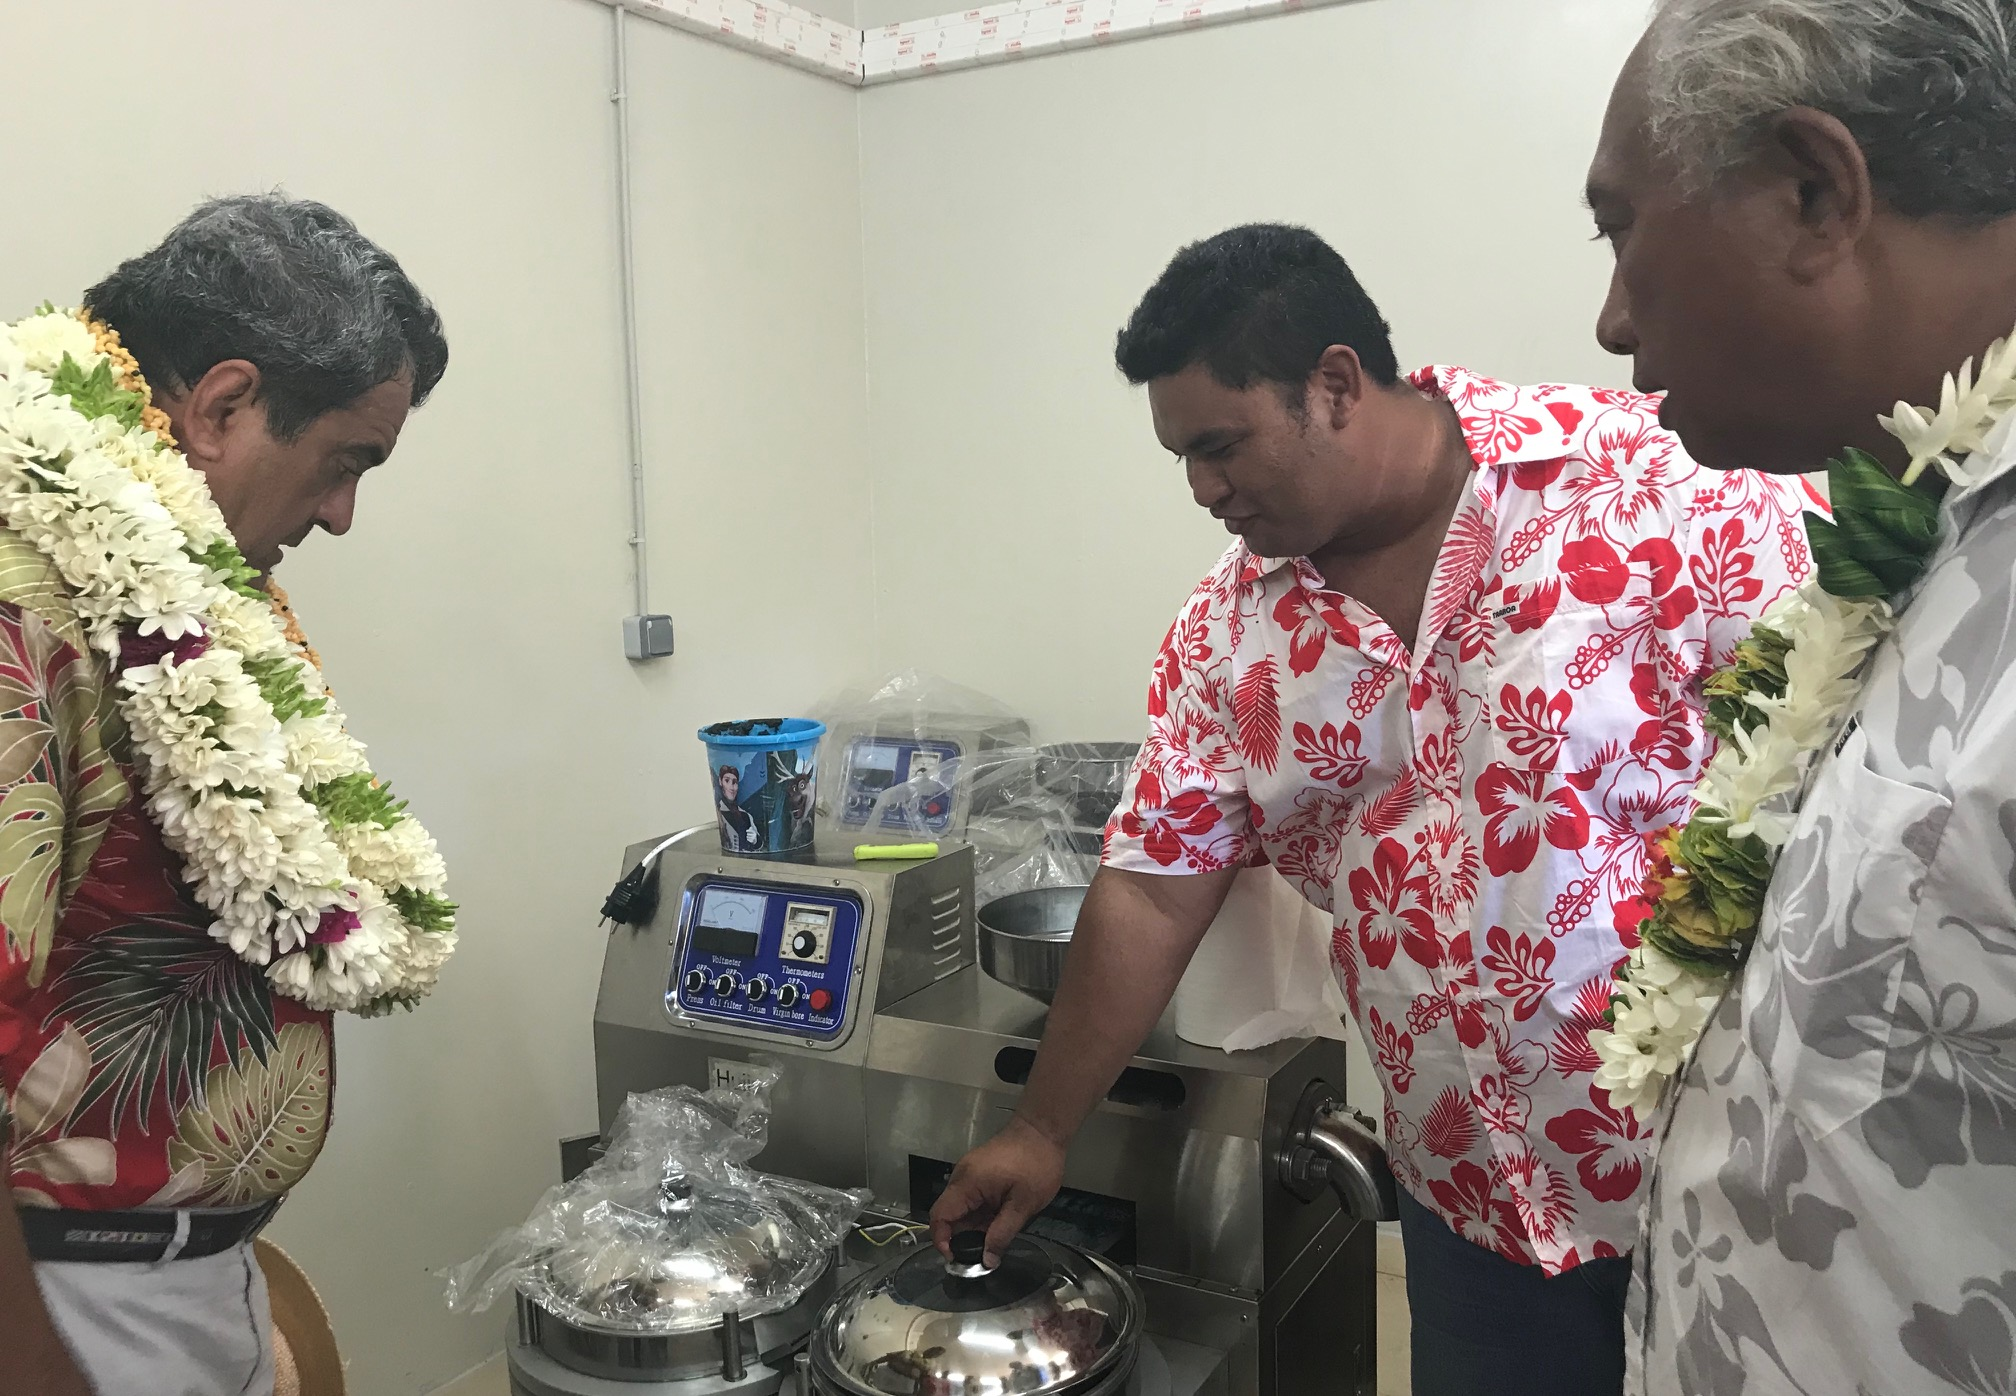 Après le fare des artisans de Tiputa, le gouvernement a inauguré une unité de production d'huile de tamanu et d'huile vierge de coco.